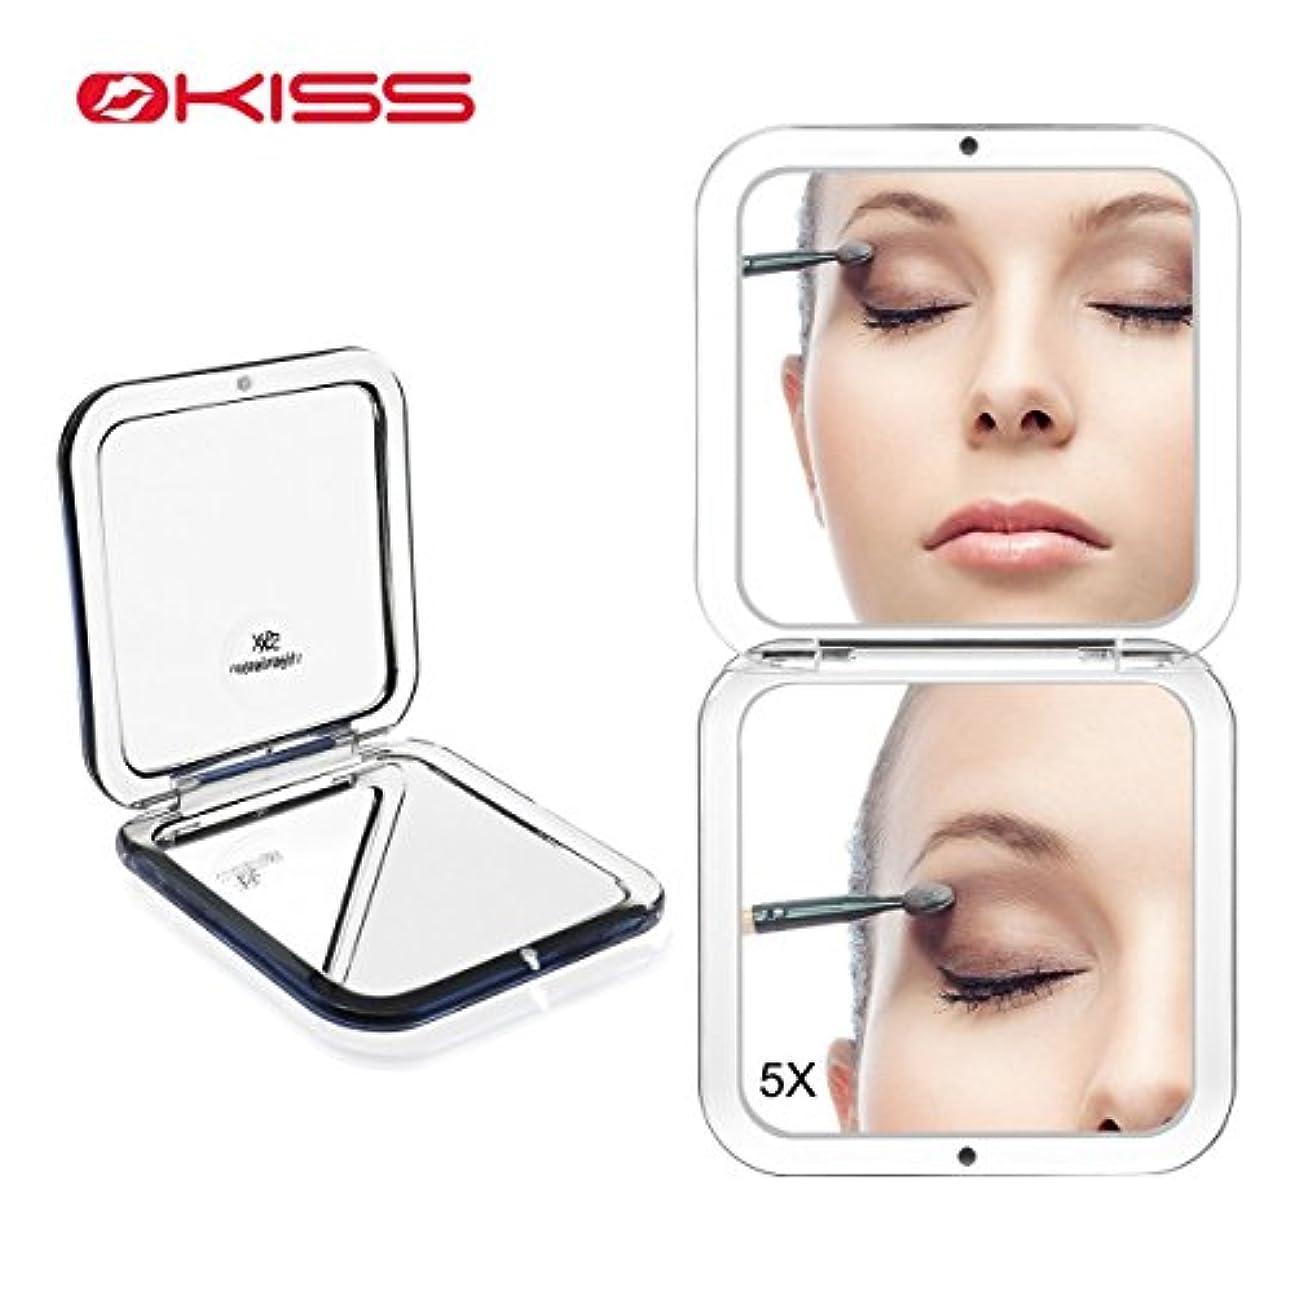 疼痛塩仕様OKISS ハンドミラー 手鏡 メンズ コンパクトミラー 化粧鏡 ミラー 5倍拡大鏡+等倍鏡 両面 メンズ 携帯ミラー 折りたたみ おしゃれ 外出 持ち運び便利